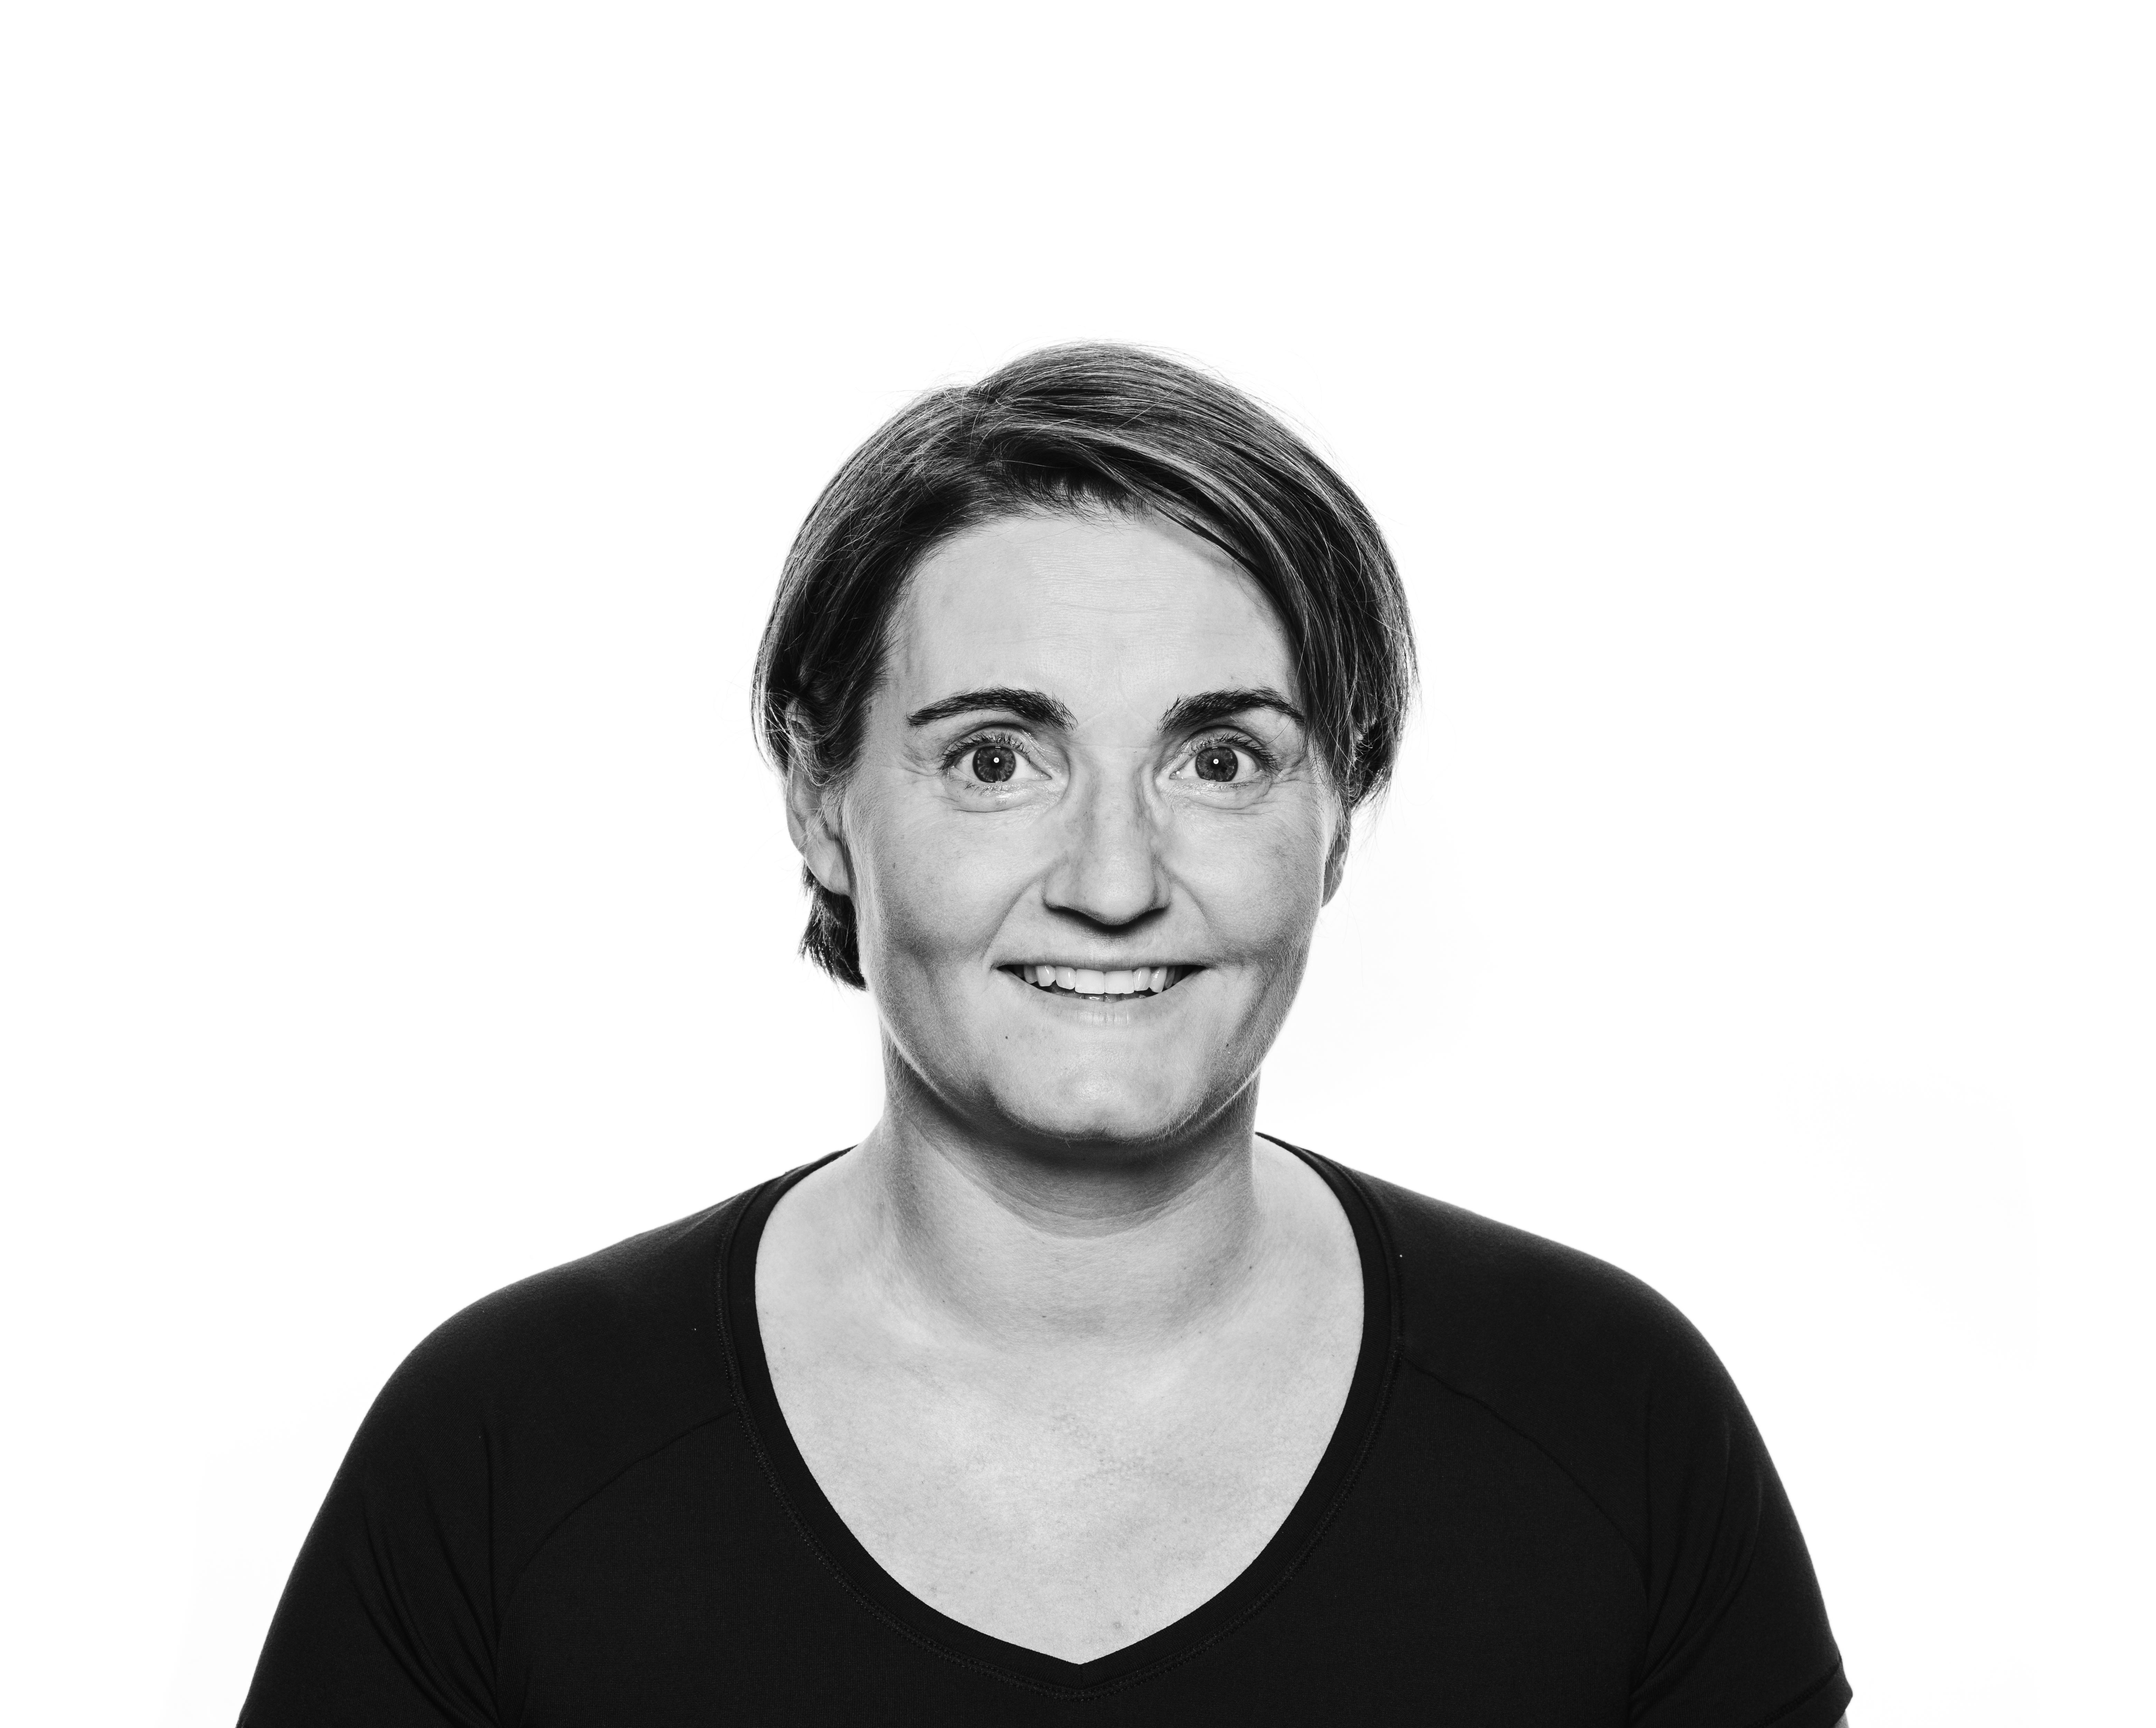 Dorte Carstensen